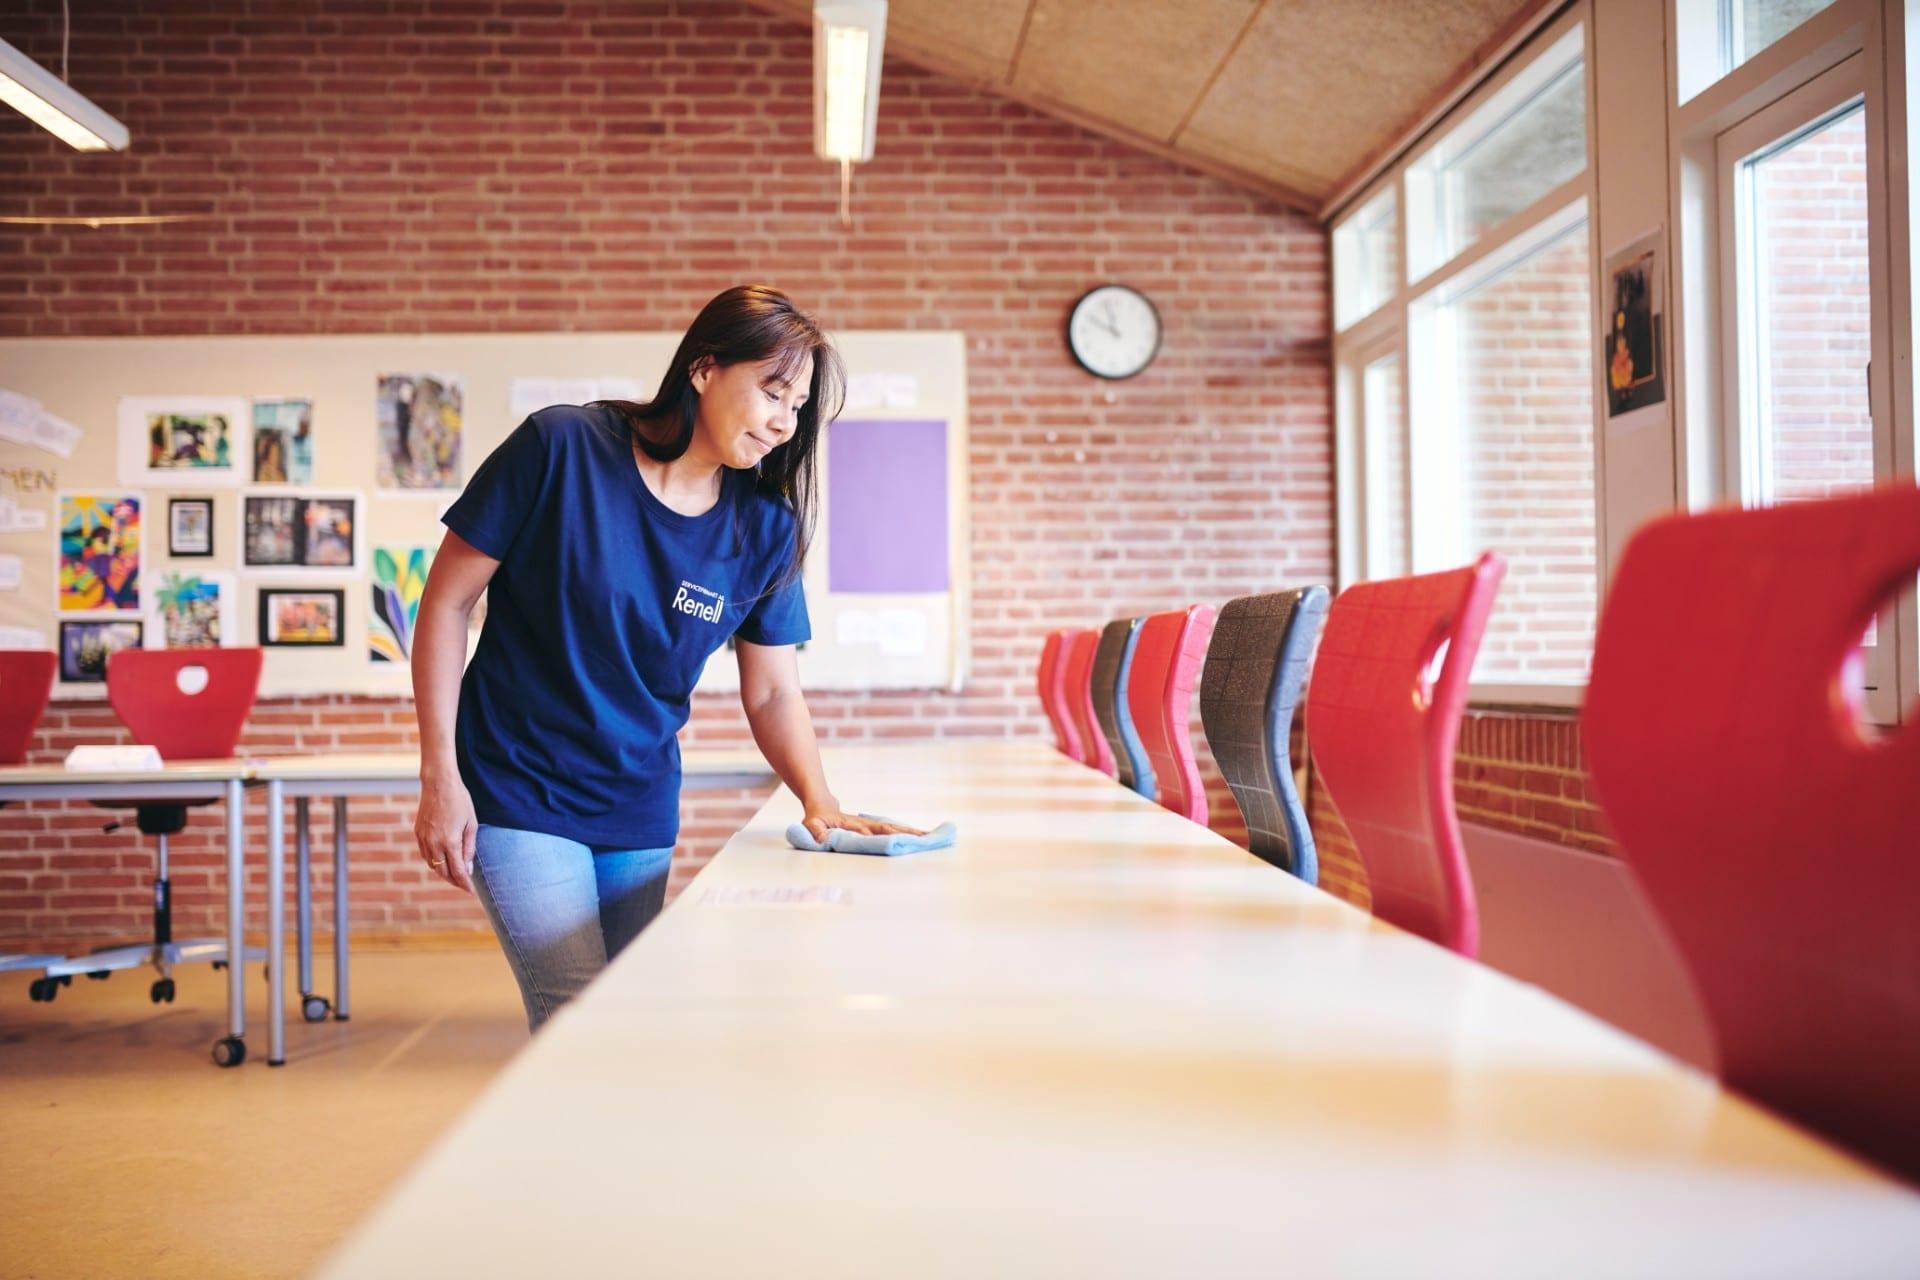 Renell-medarbejder tørrer skolebord af med en klud